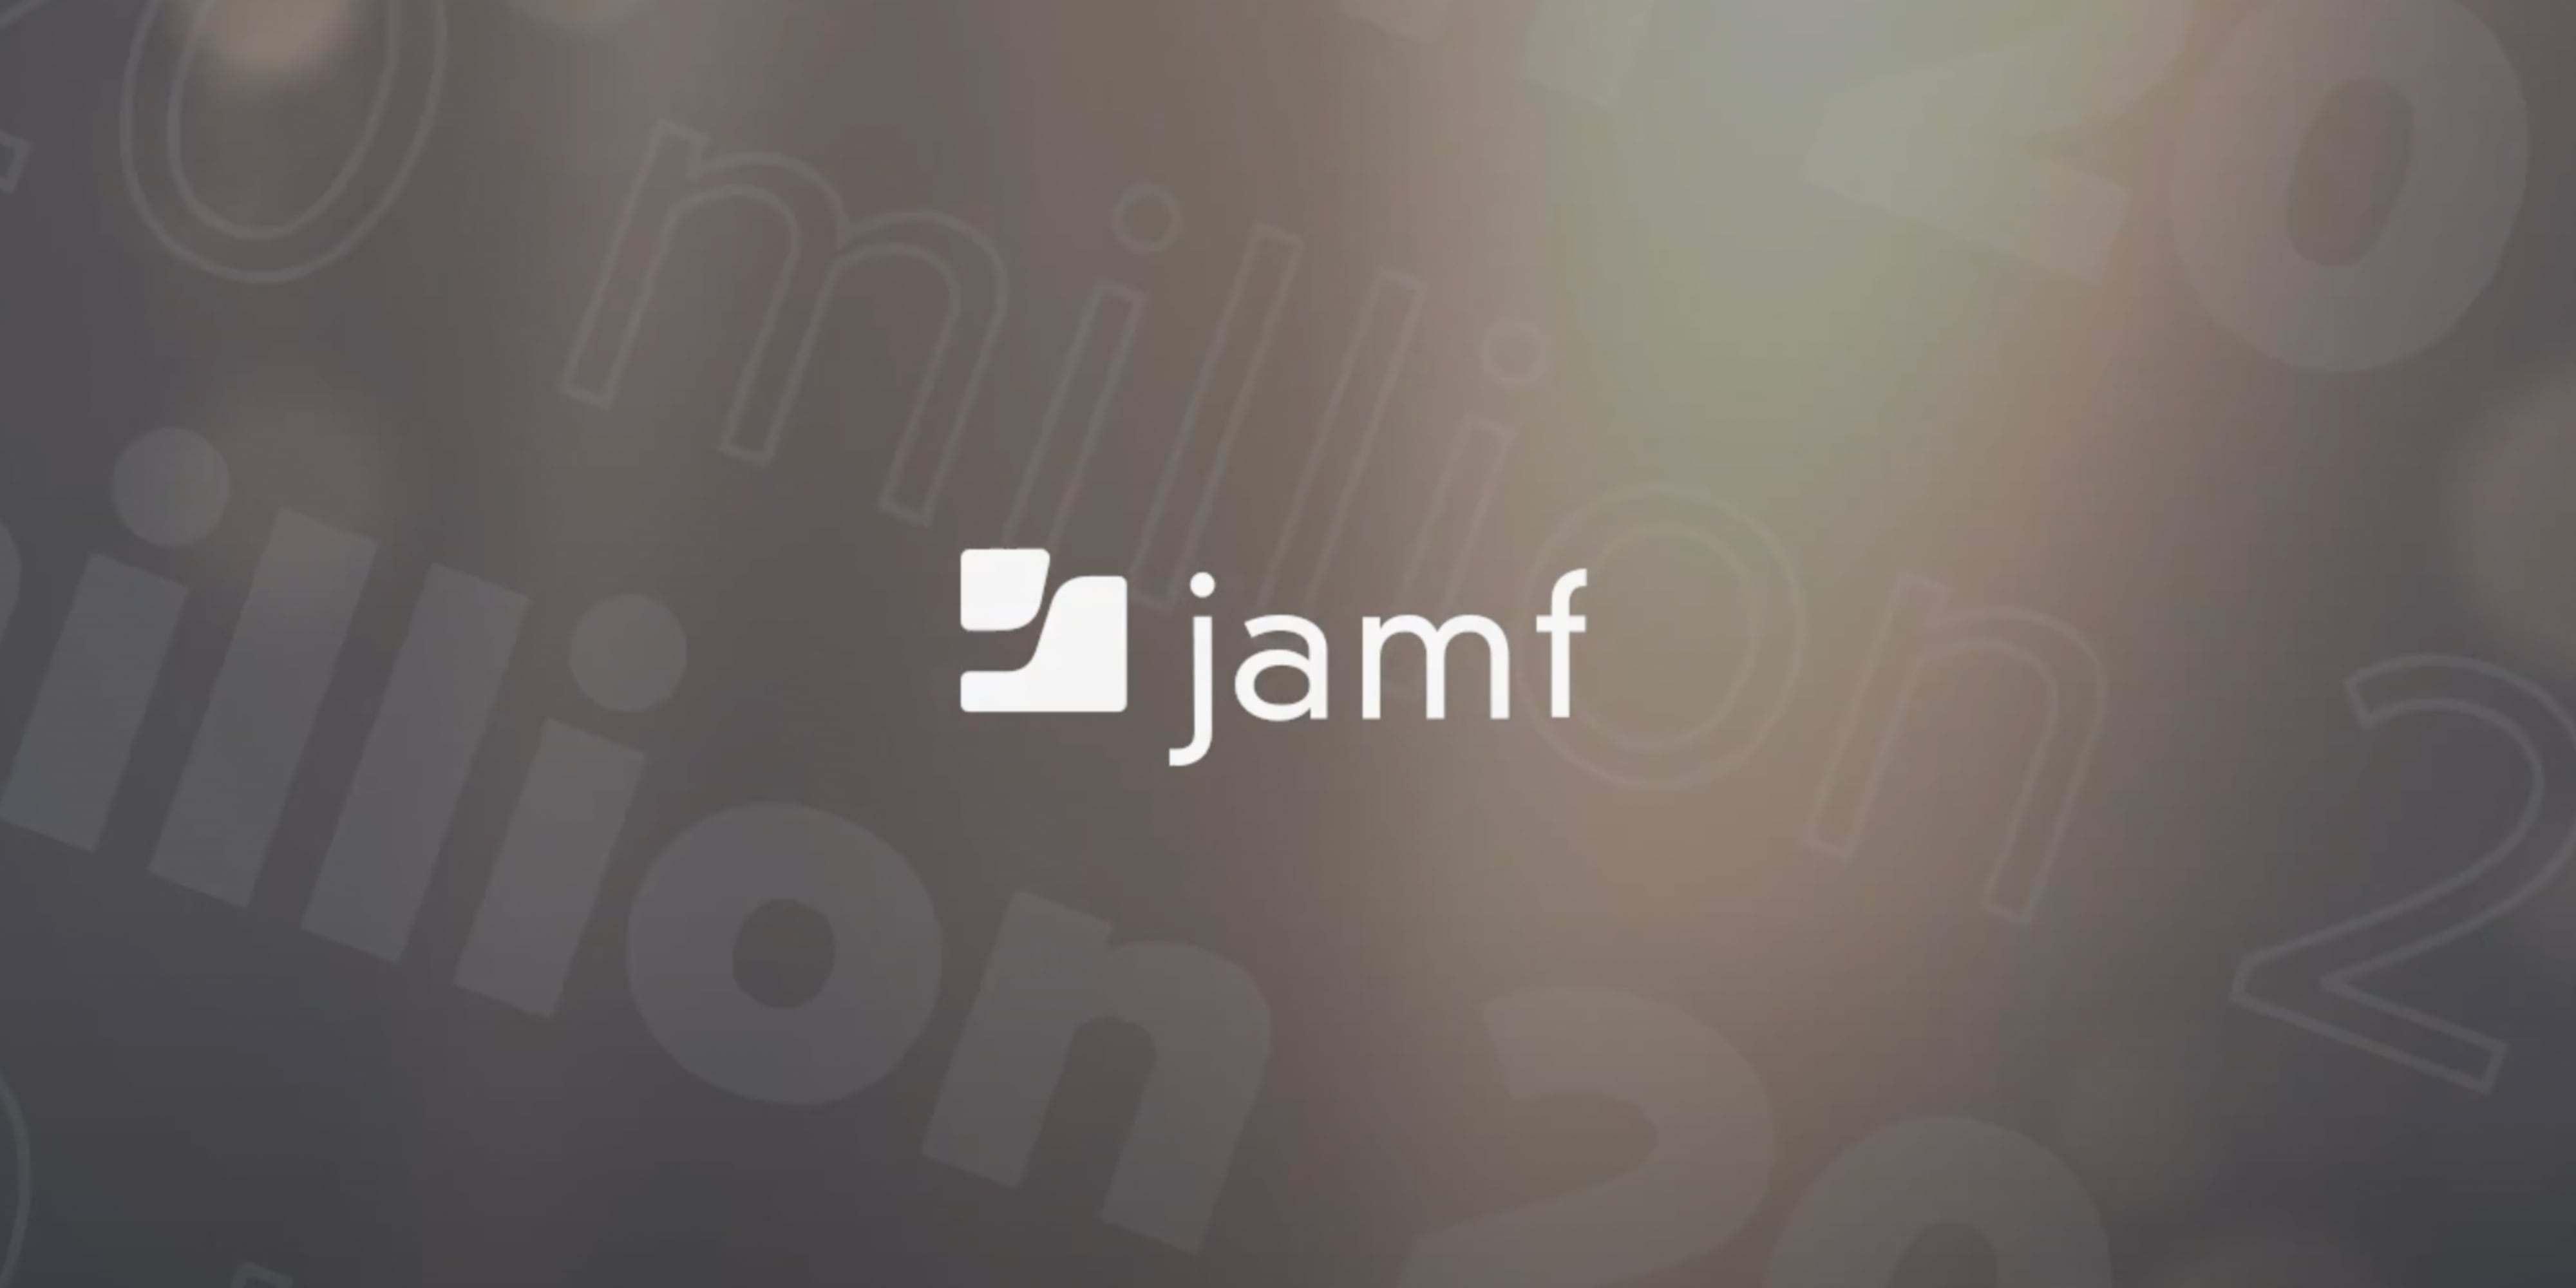 Apple giúp doanh thu Jamf tăng 34% lên 76 triệu đô trong Q4 2020